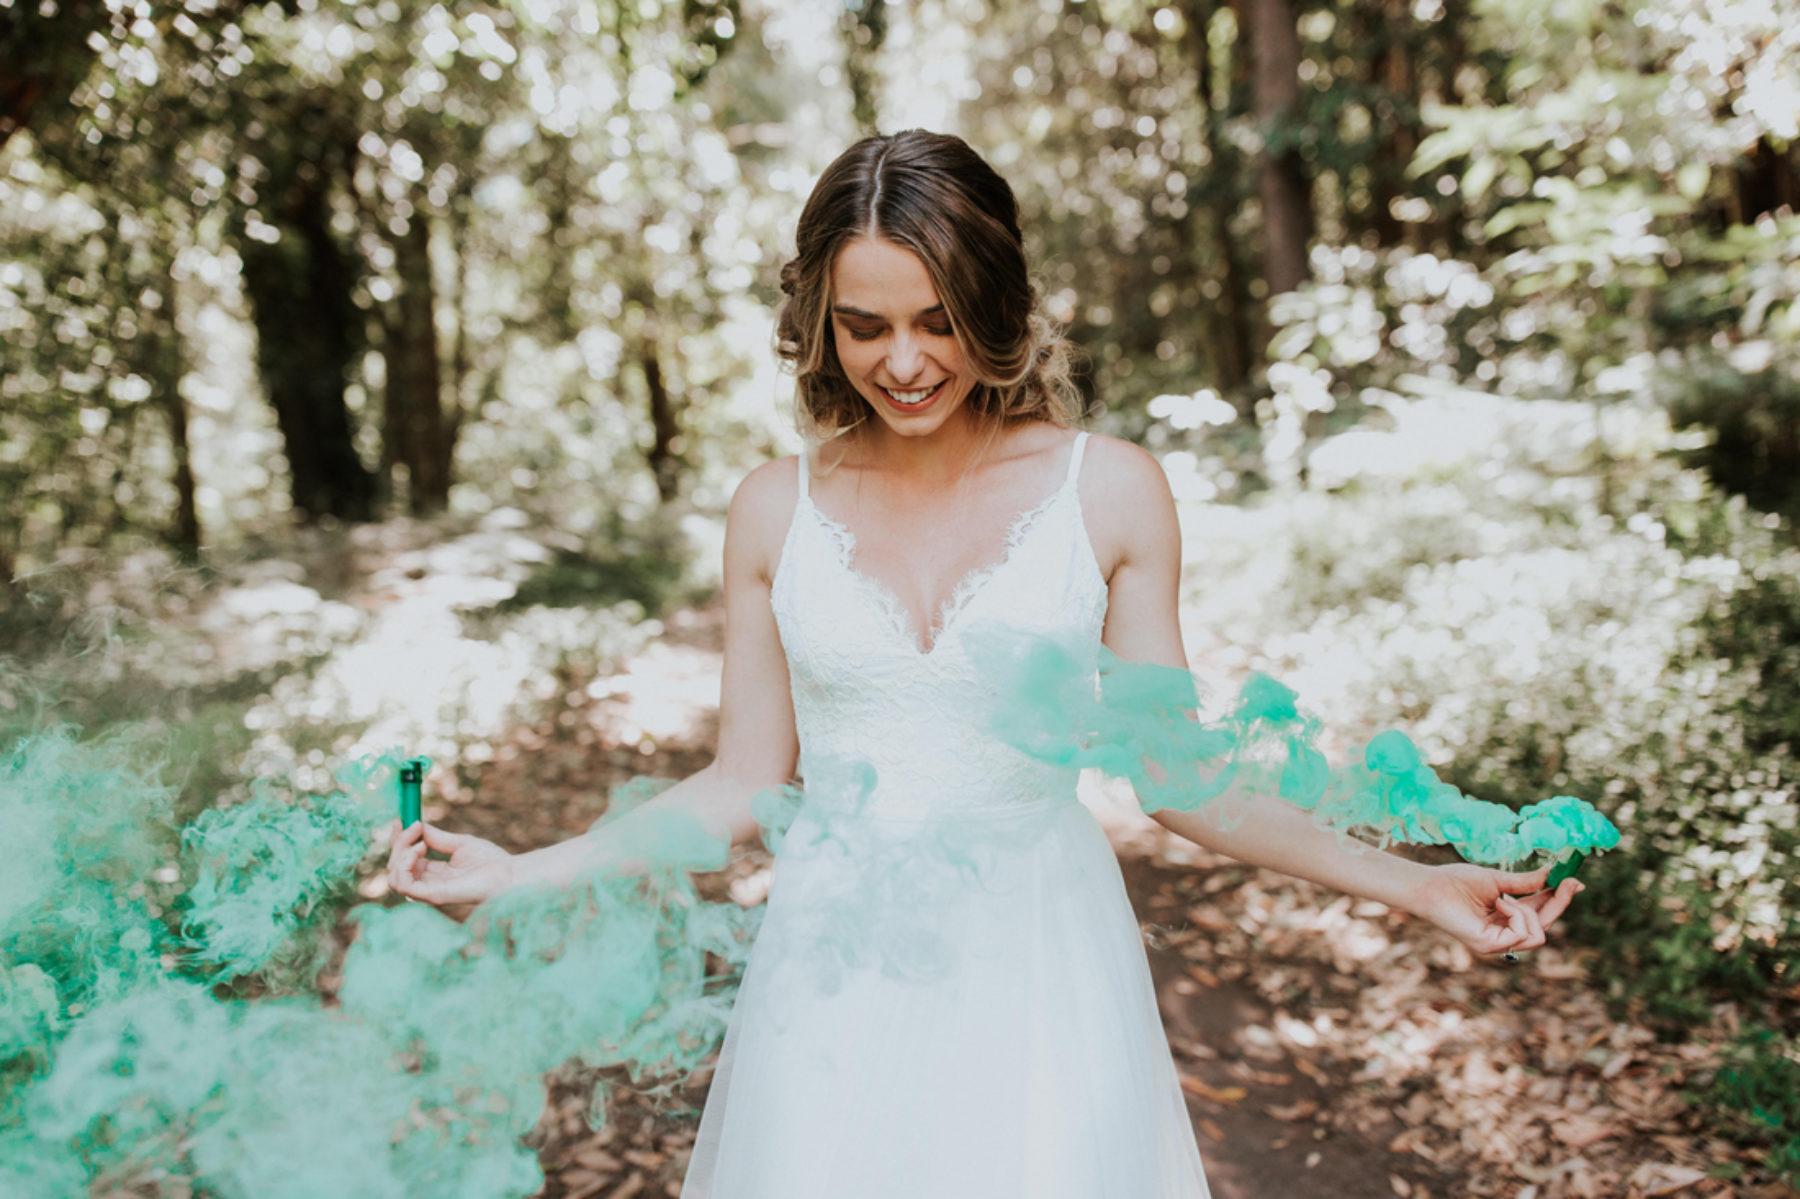 7 Tendências para casamento em 2019 reveladas pelo Pinterest